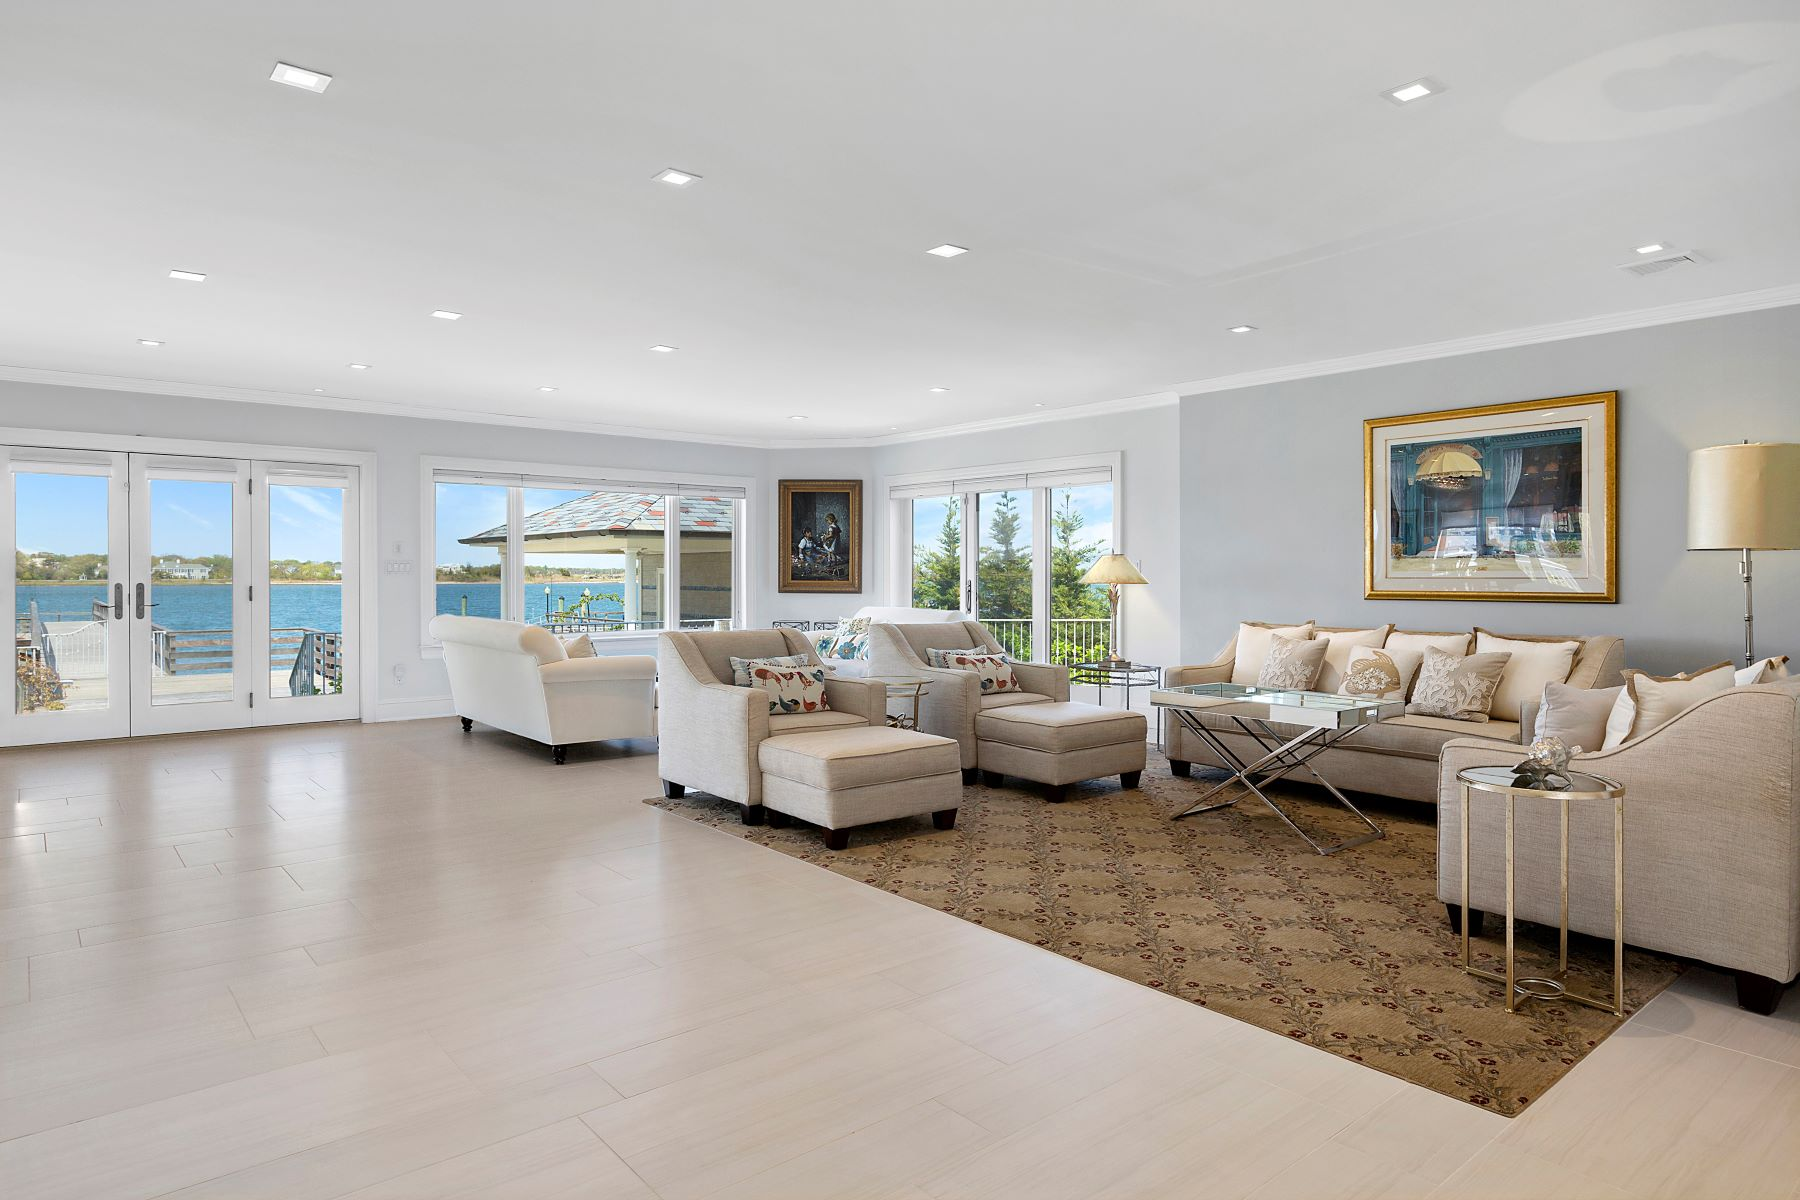 Einfamilienhaus für Verkauf beim Contemporary 1690 Bay Blvd Atlantic Beach, New York, 11509 Vereinigte Staaten